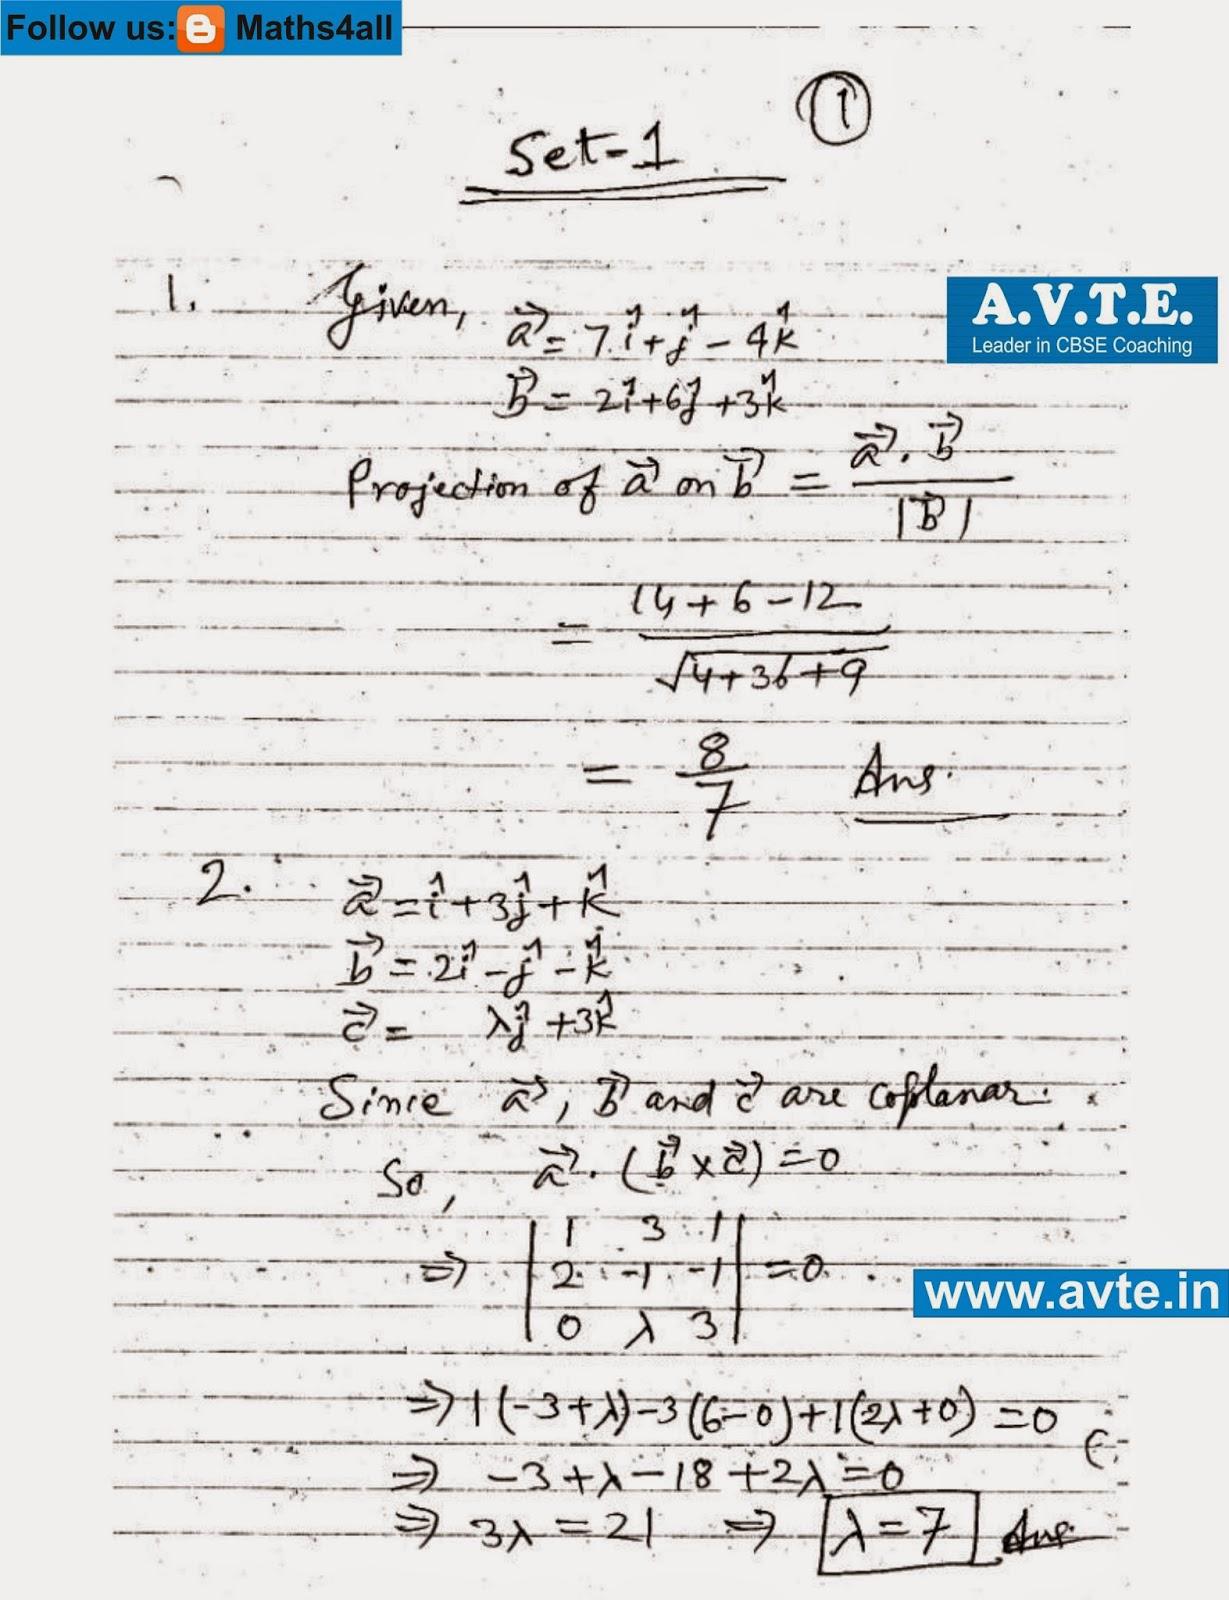 Maths4all: Class XII MATHEMATICS CBSE BOARD PAPER SET - 1 SOLUTIONS ...